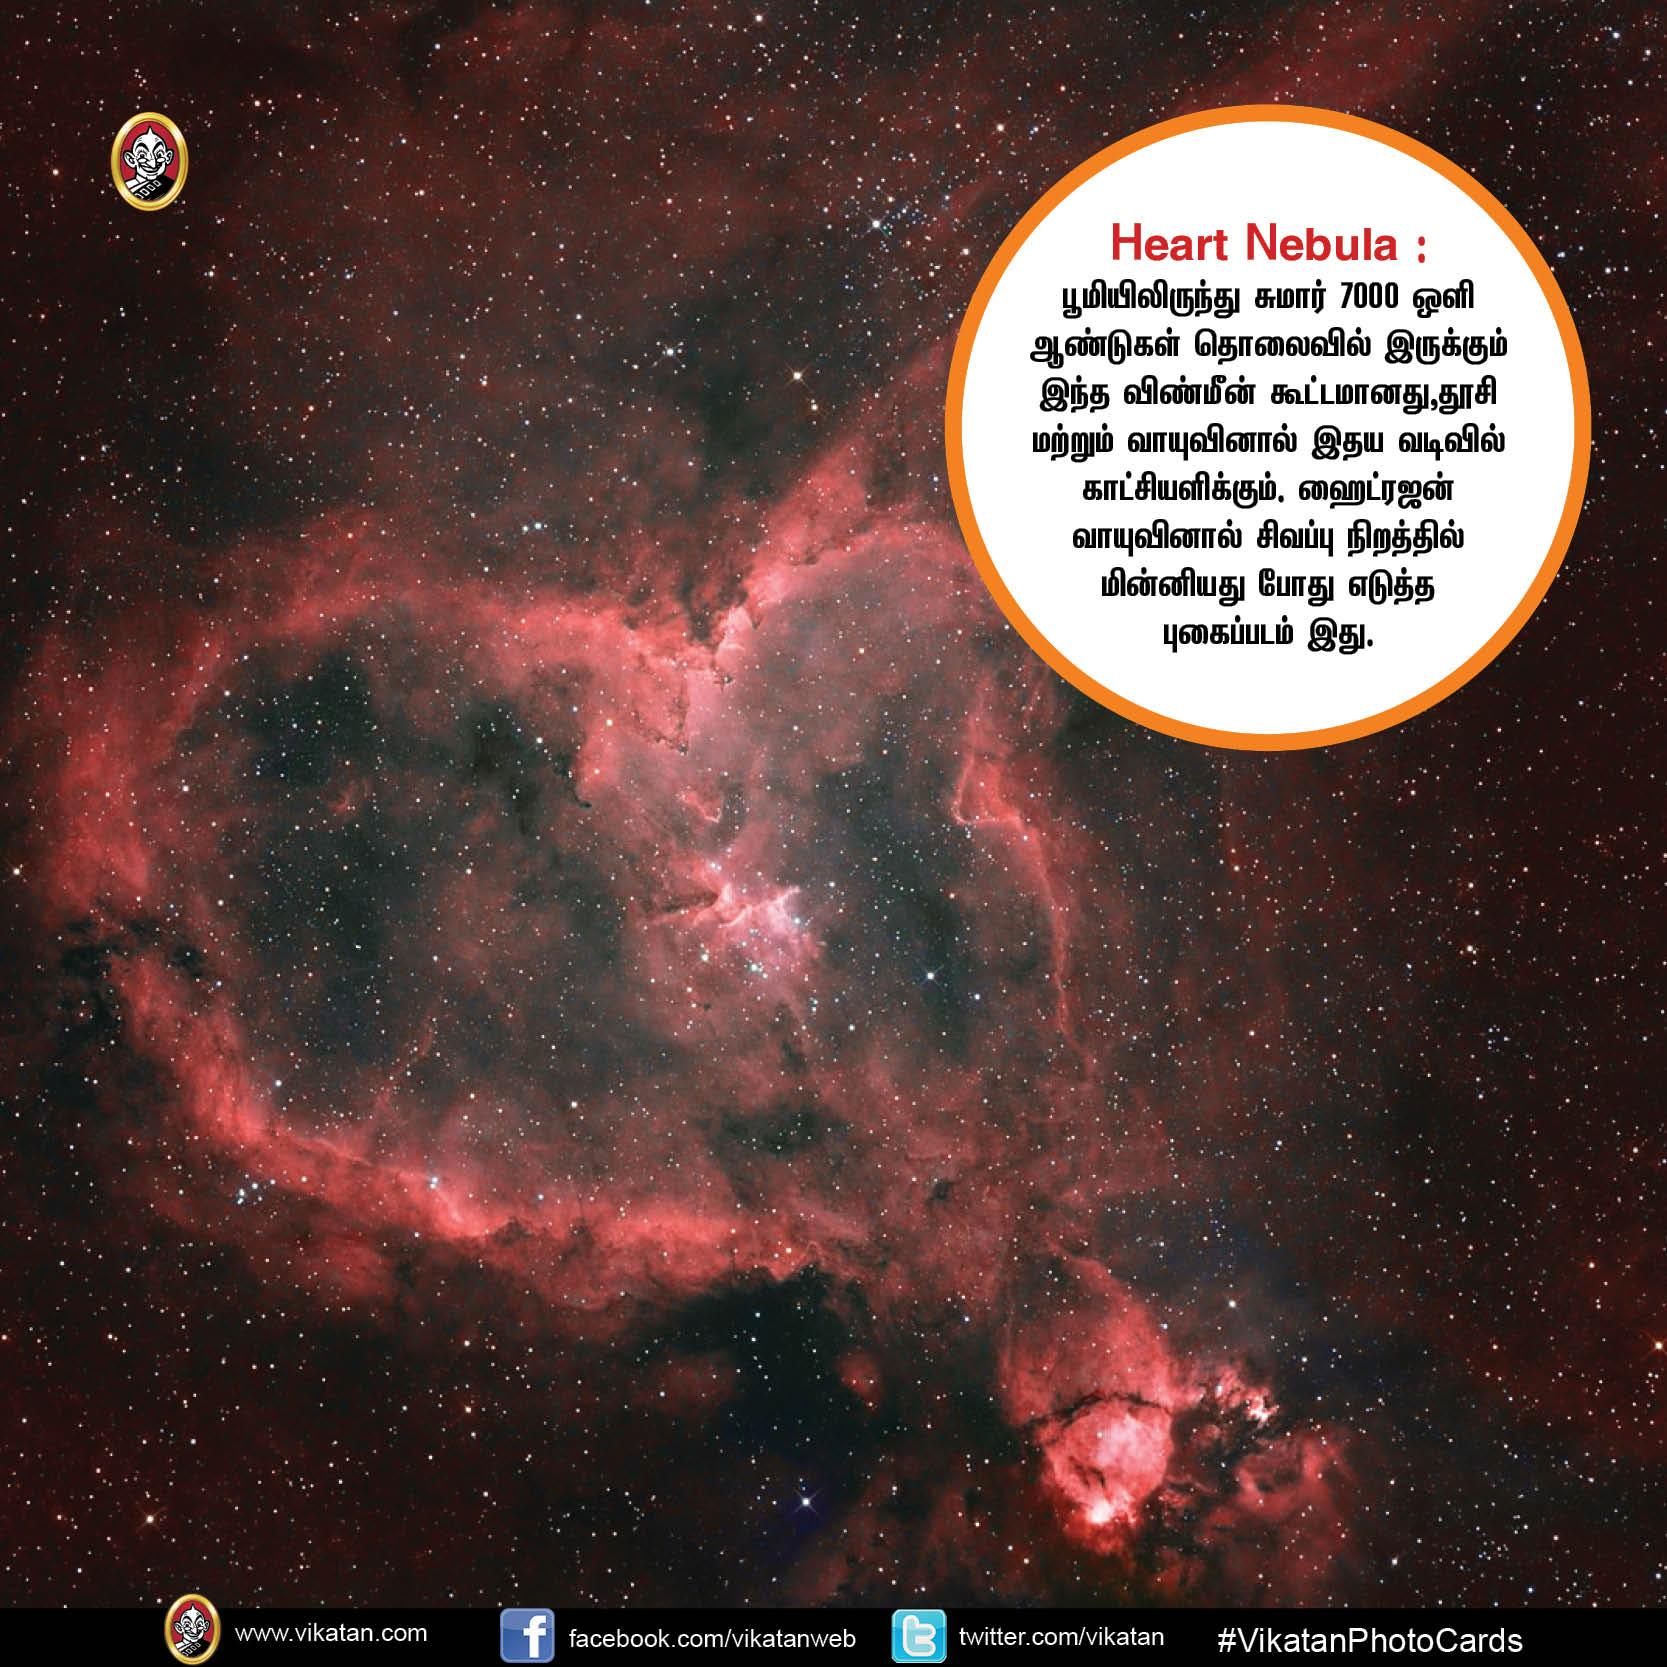 பூமியுடன் ஒரு செல்ஃபி... ஸ்பேஸ் எக்ஸ் ராக்கெட்... முக்கிய விண்வெளி நிகழ்வுகள்! #VikatanPhotoCards - தொகுப்பு: ஜெ. ஆபிரகாம்